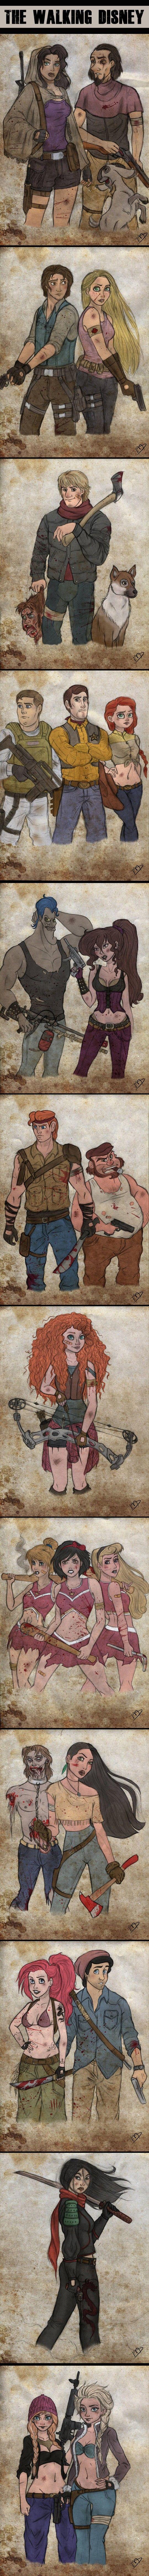 Walking Dead / Disney